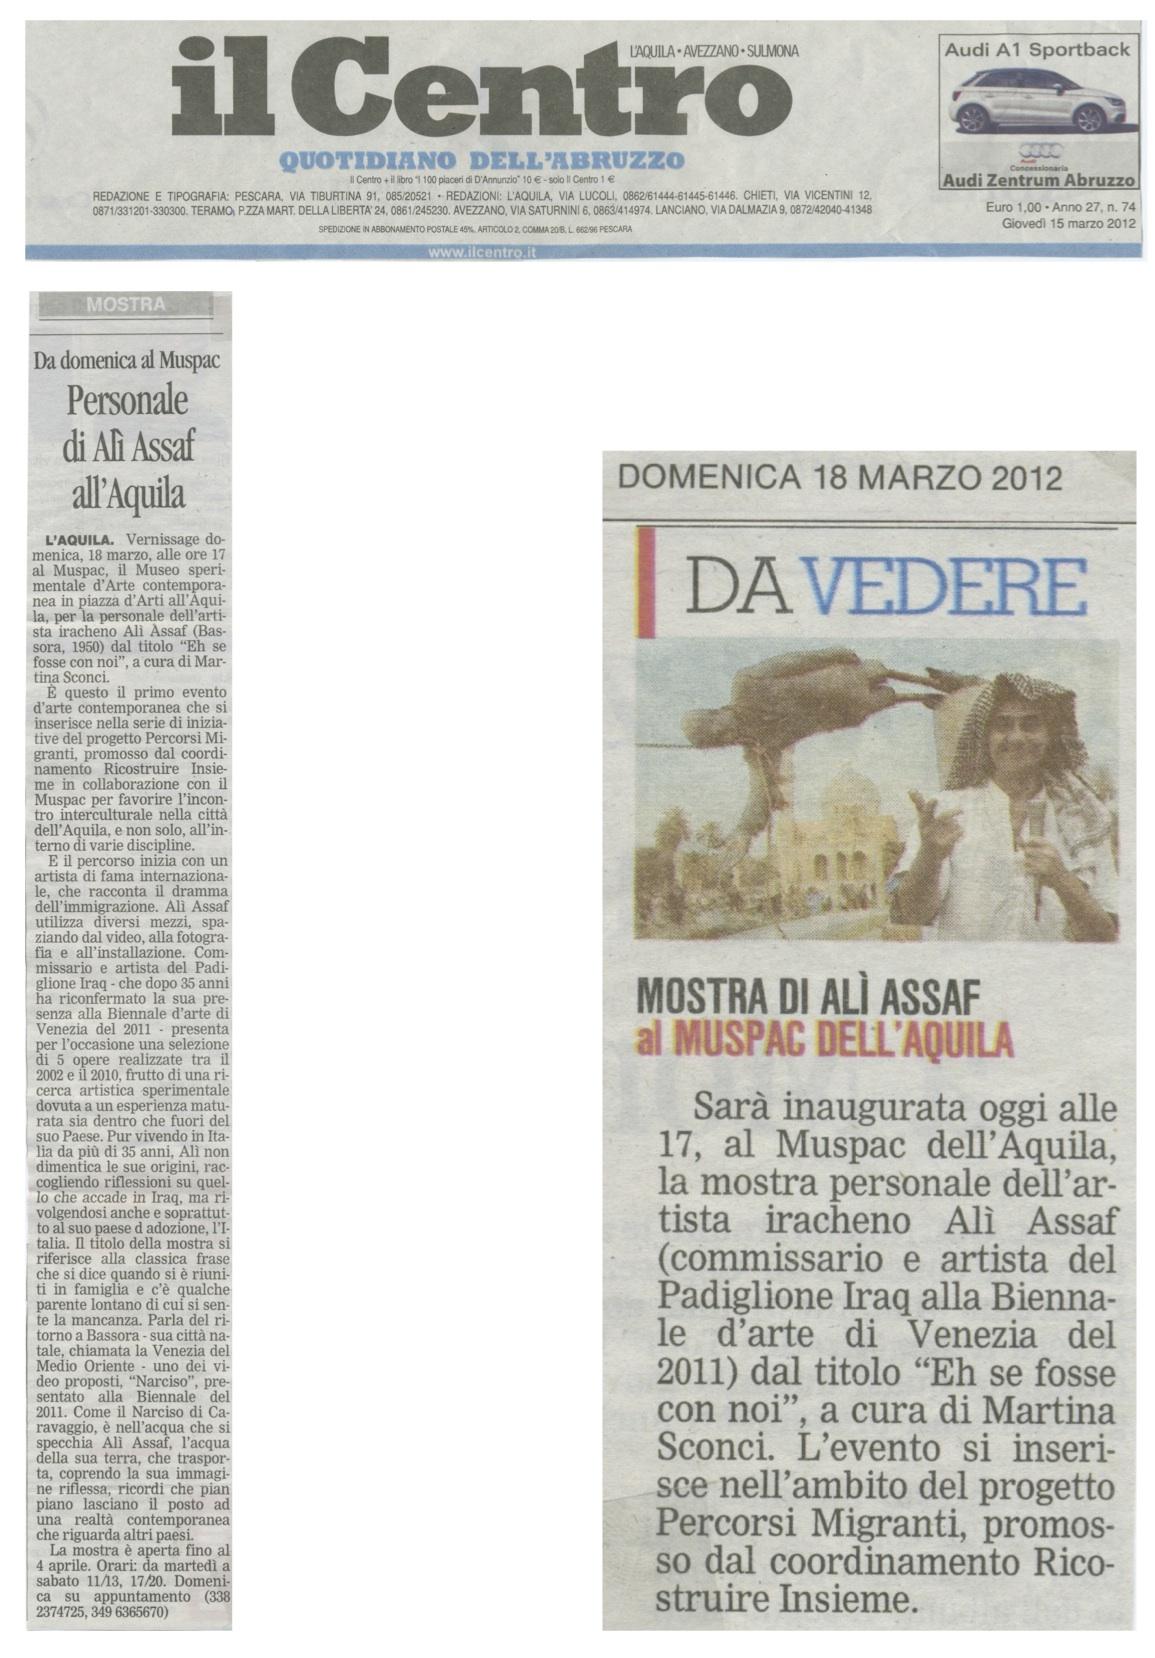 Il CENTRO_15_03_2012 e 18_03_2012